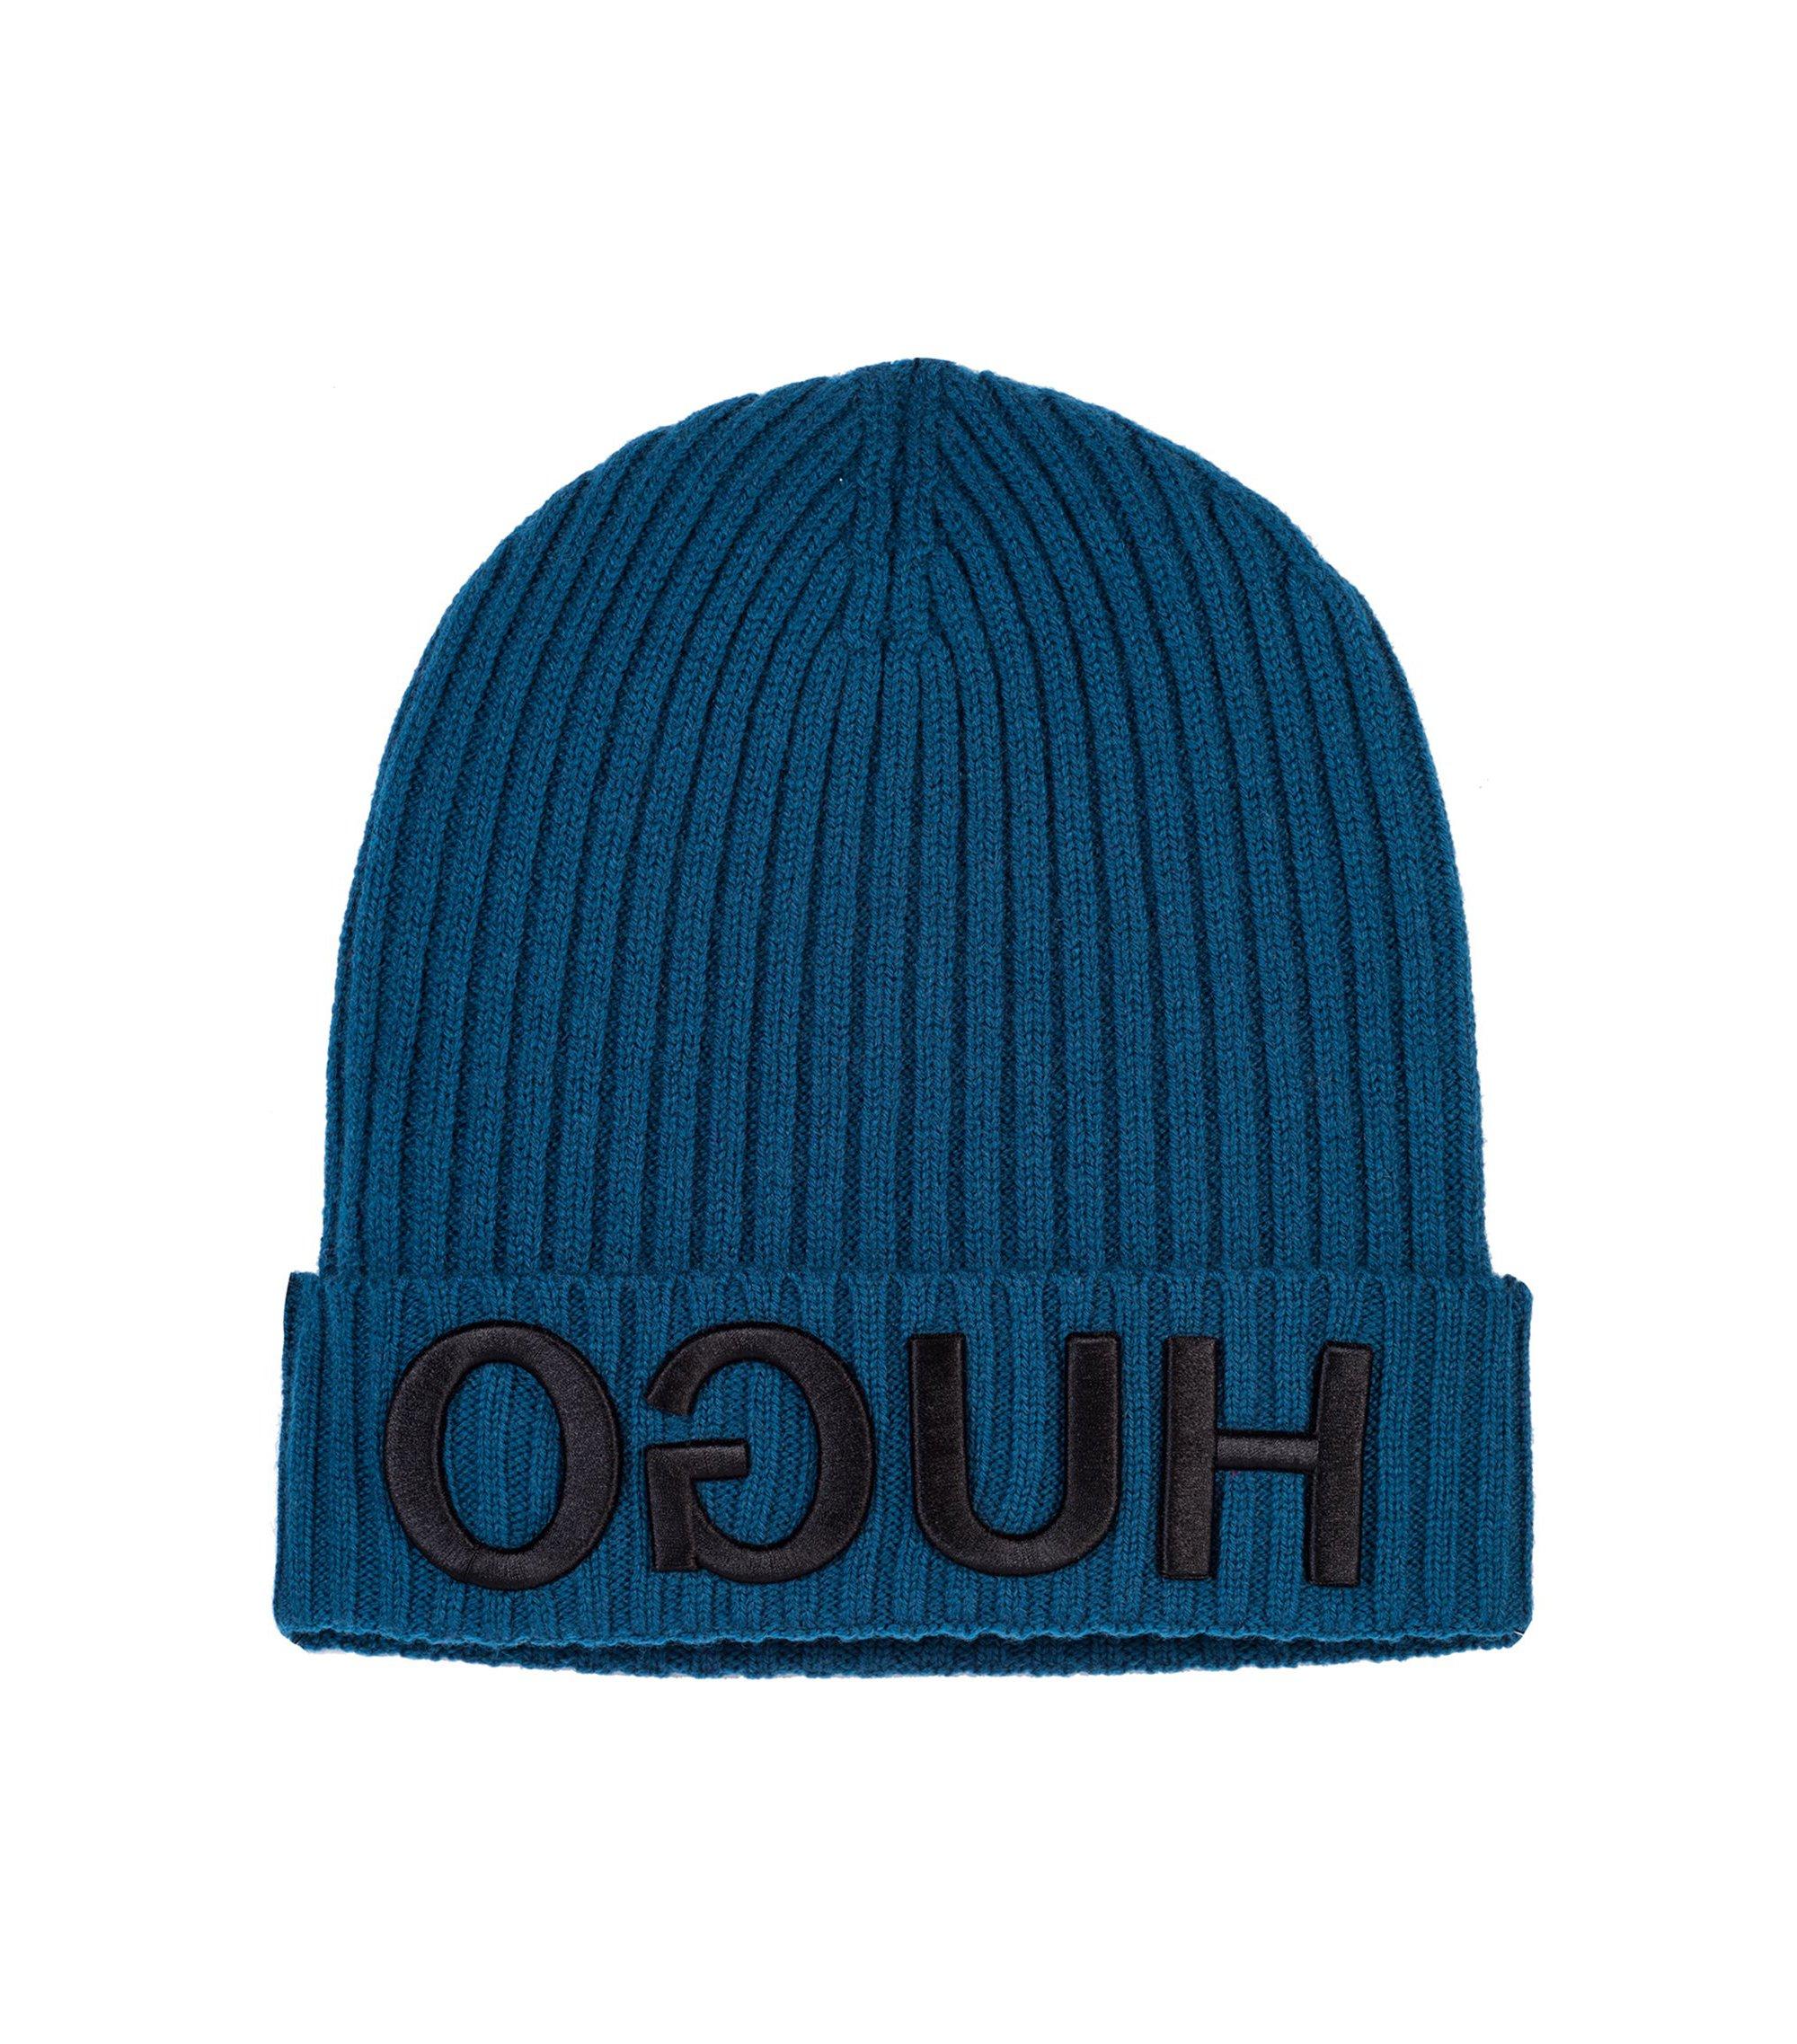 Beanie en laine avec logo inversé en 3D brodé, Bleu